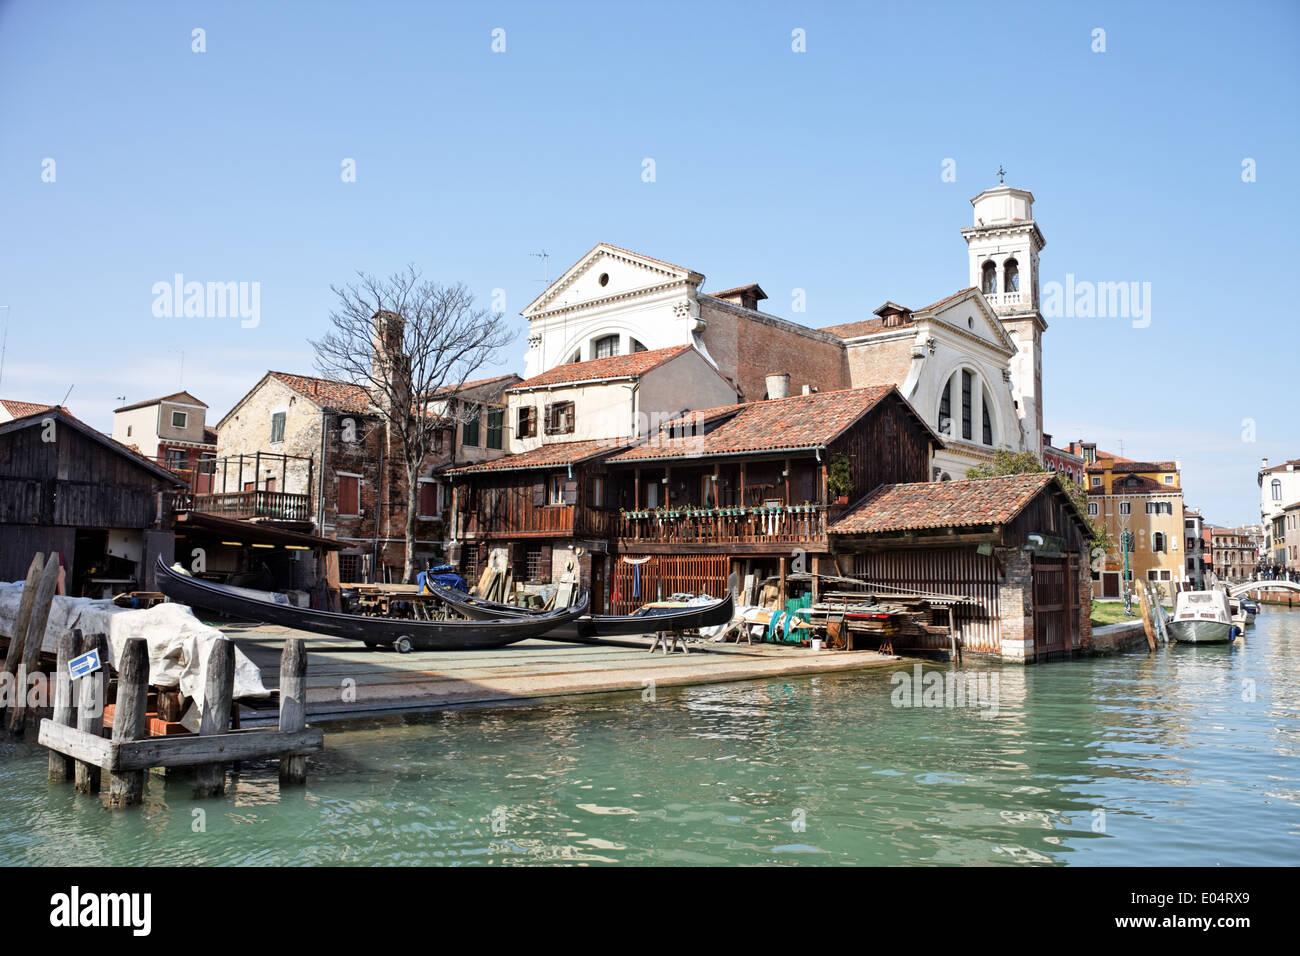 Shipyard in Venice Venetian gondolas ares overtaken, Werft in Venedig venezianische Gondeln werden ueberholt - Stock Image